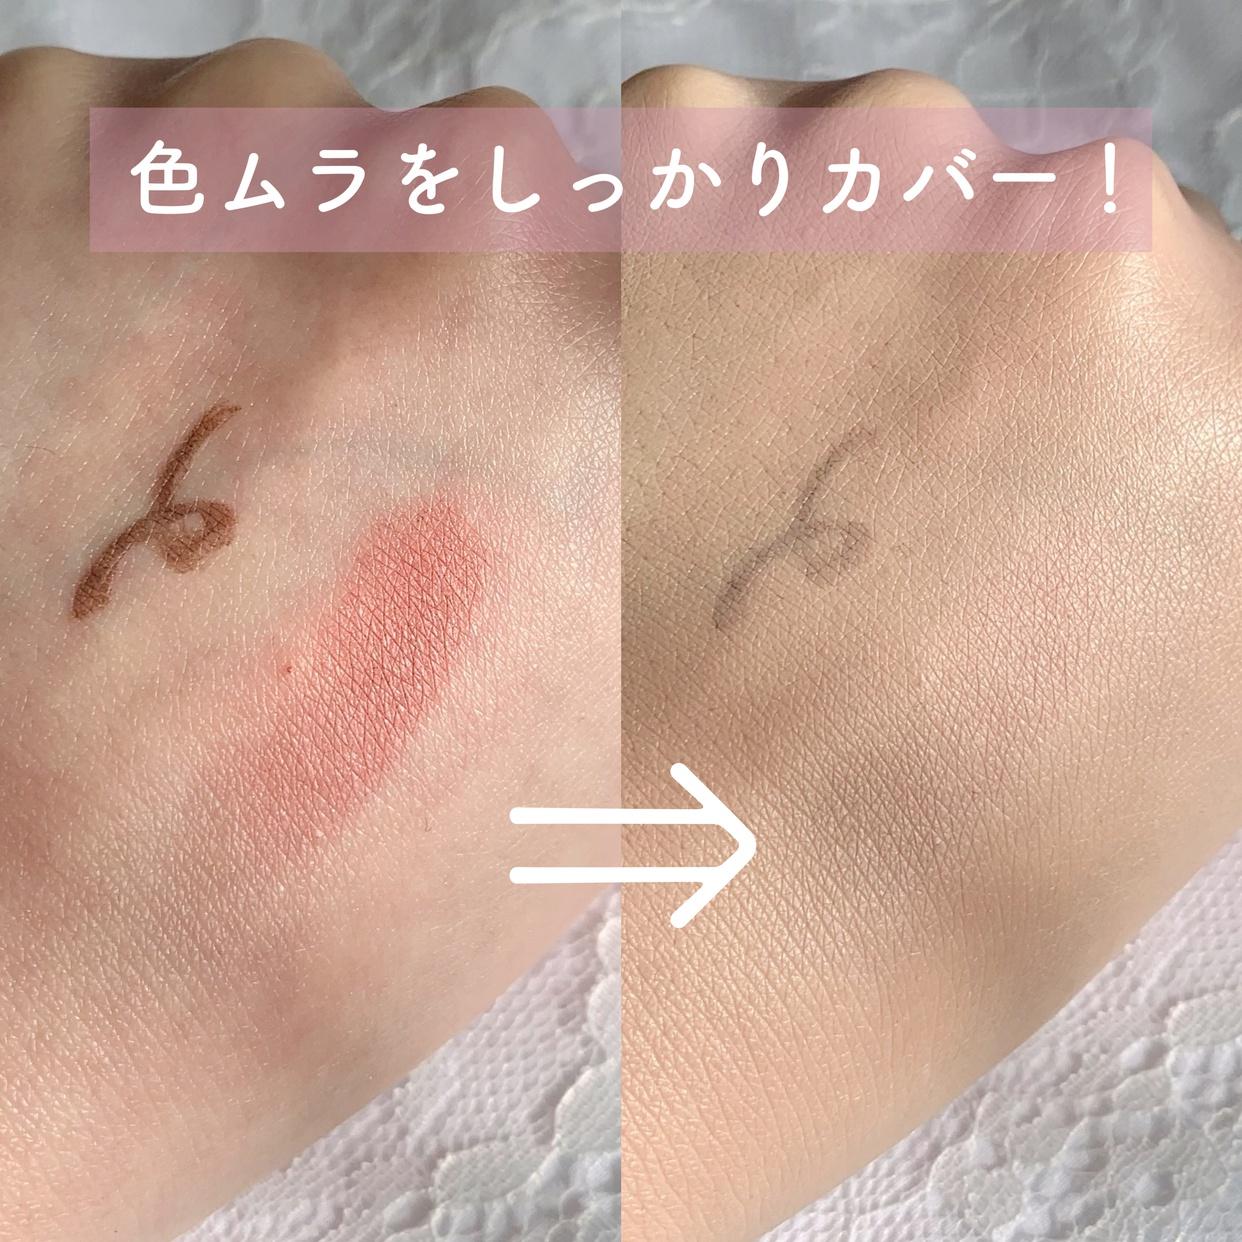 ちょびさんのクチコミ画像4